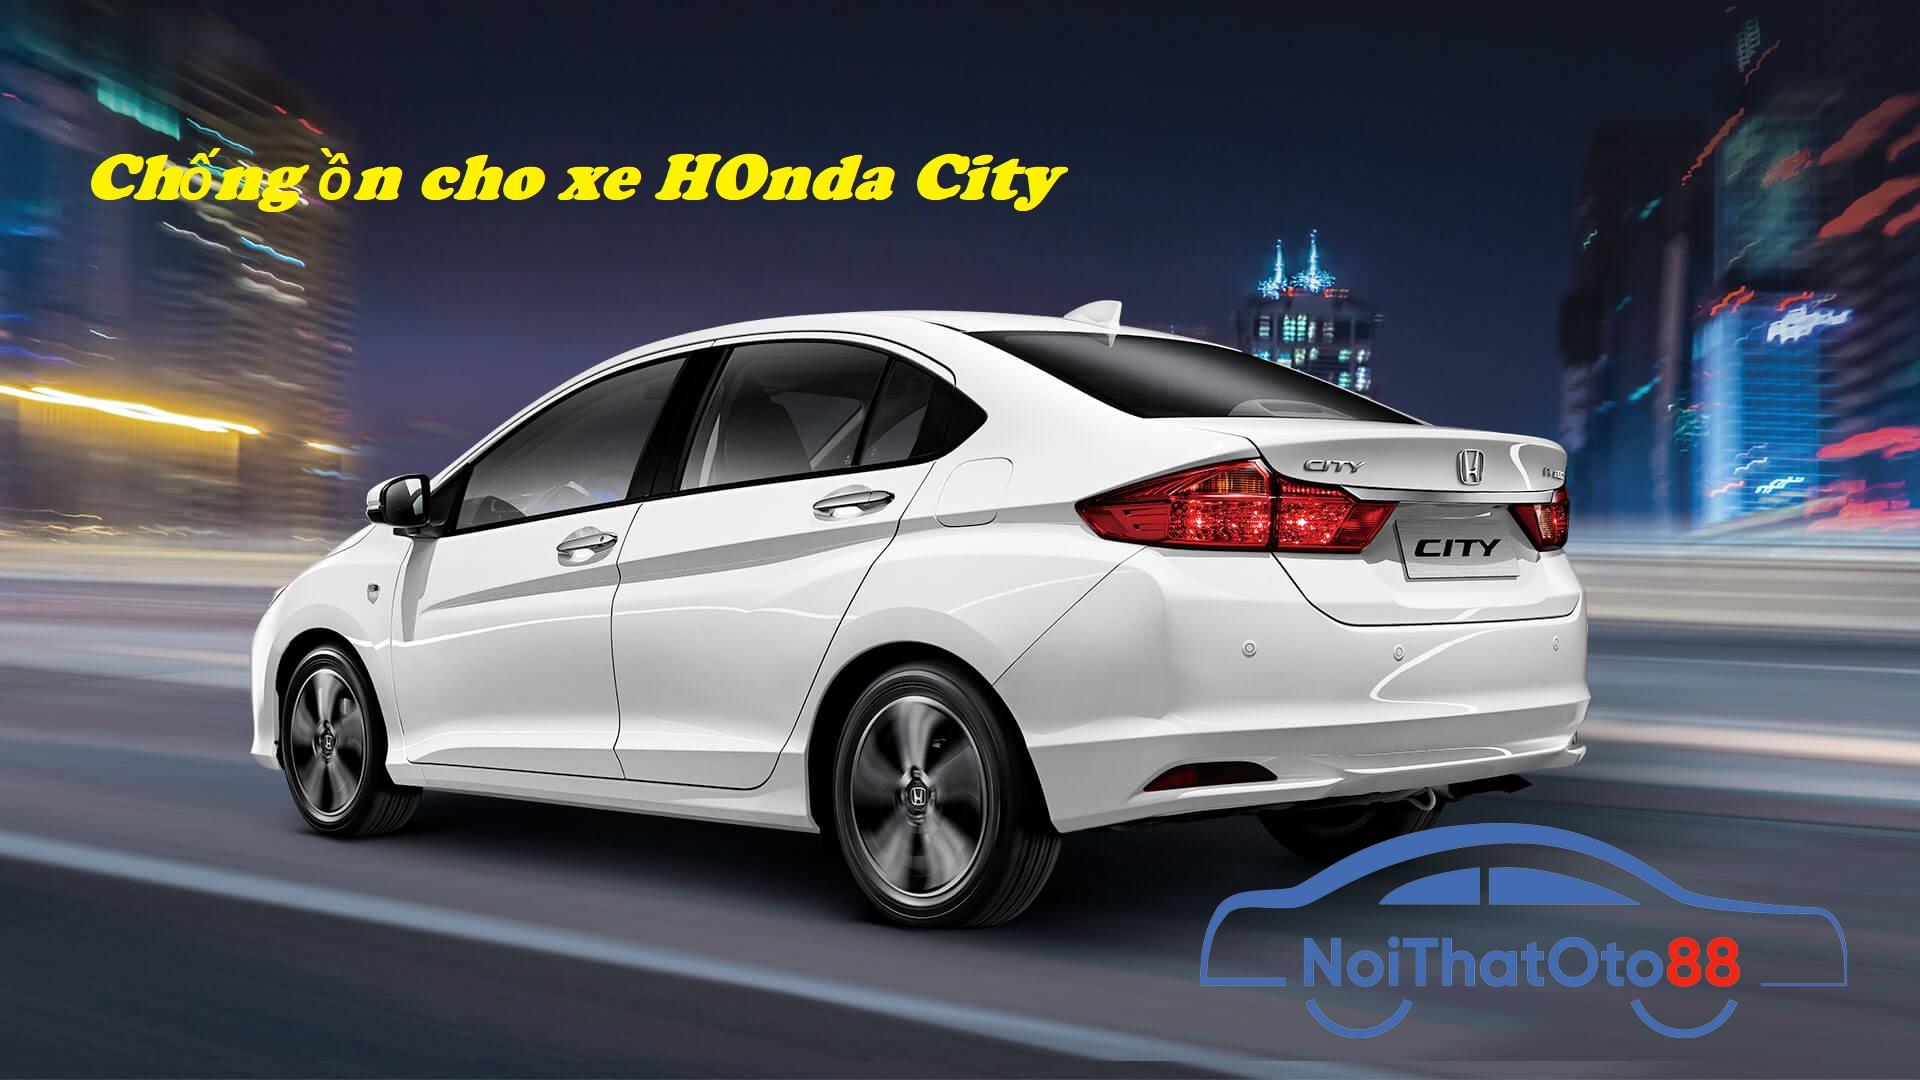 Dán cách âm chống ồn cho xe Honda City